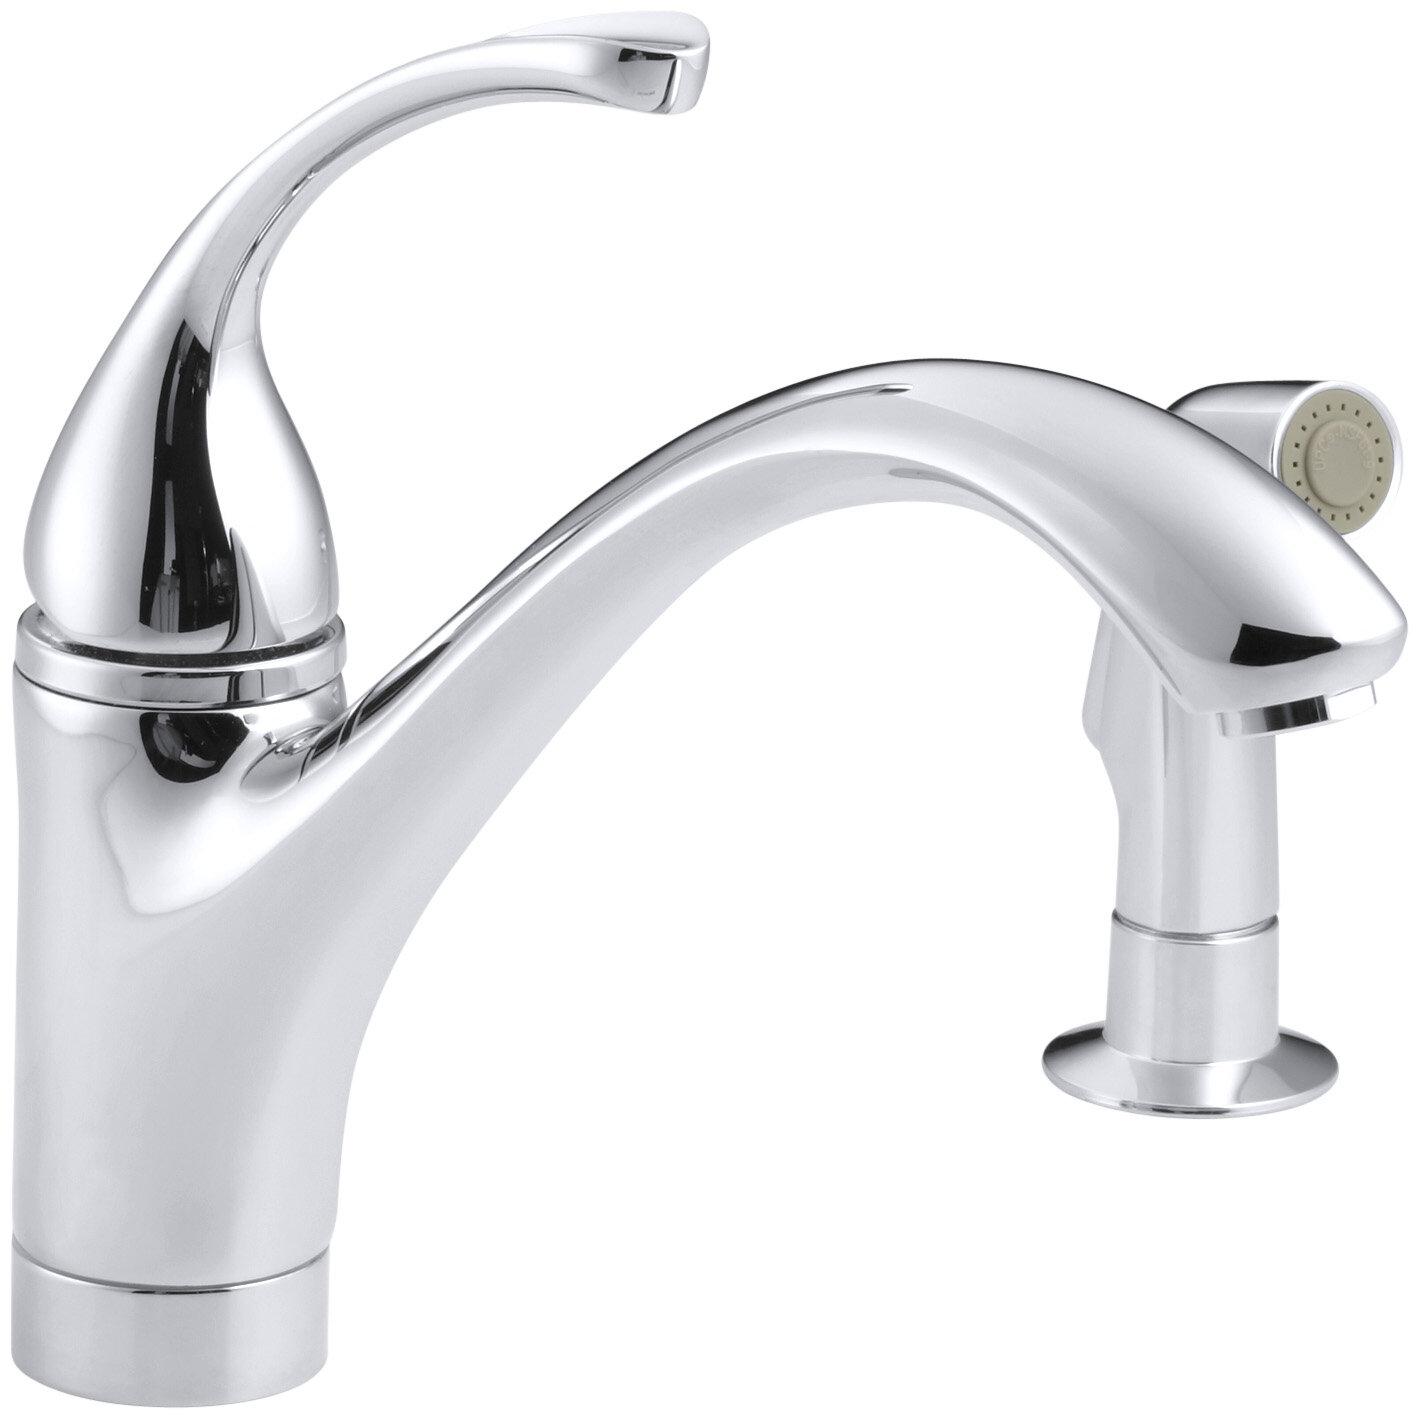 K 10416 Gcpbn Kohler Forté 2 Hole Kitchen Sink Faucet With 9 116